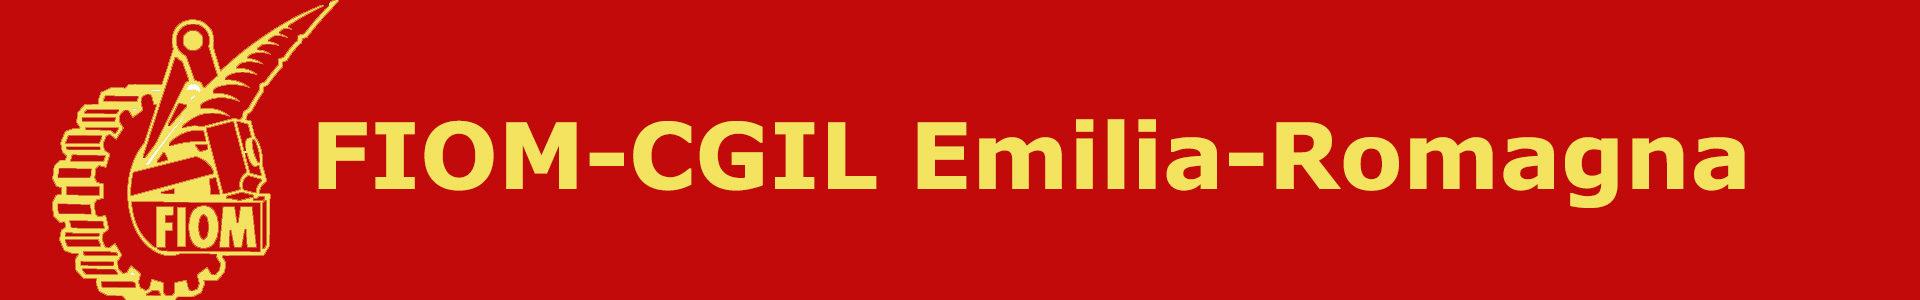 FIOM-CGIL Emilia Romagna